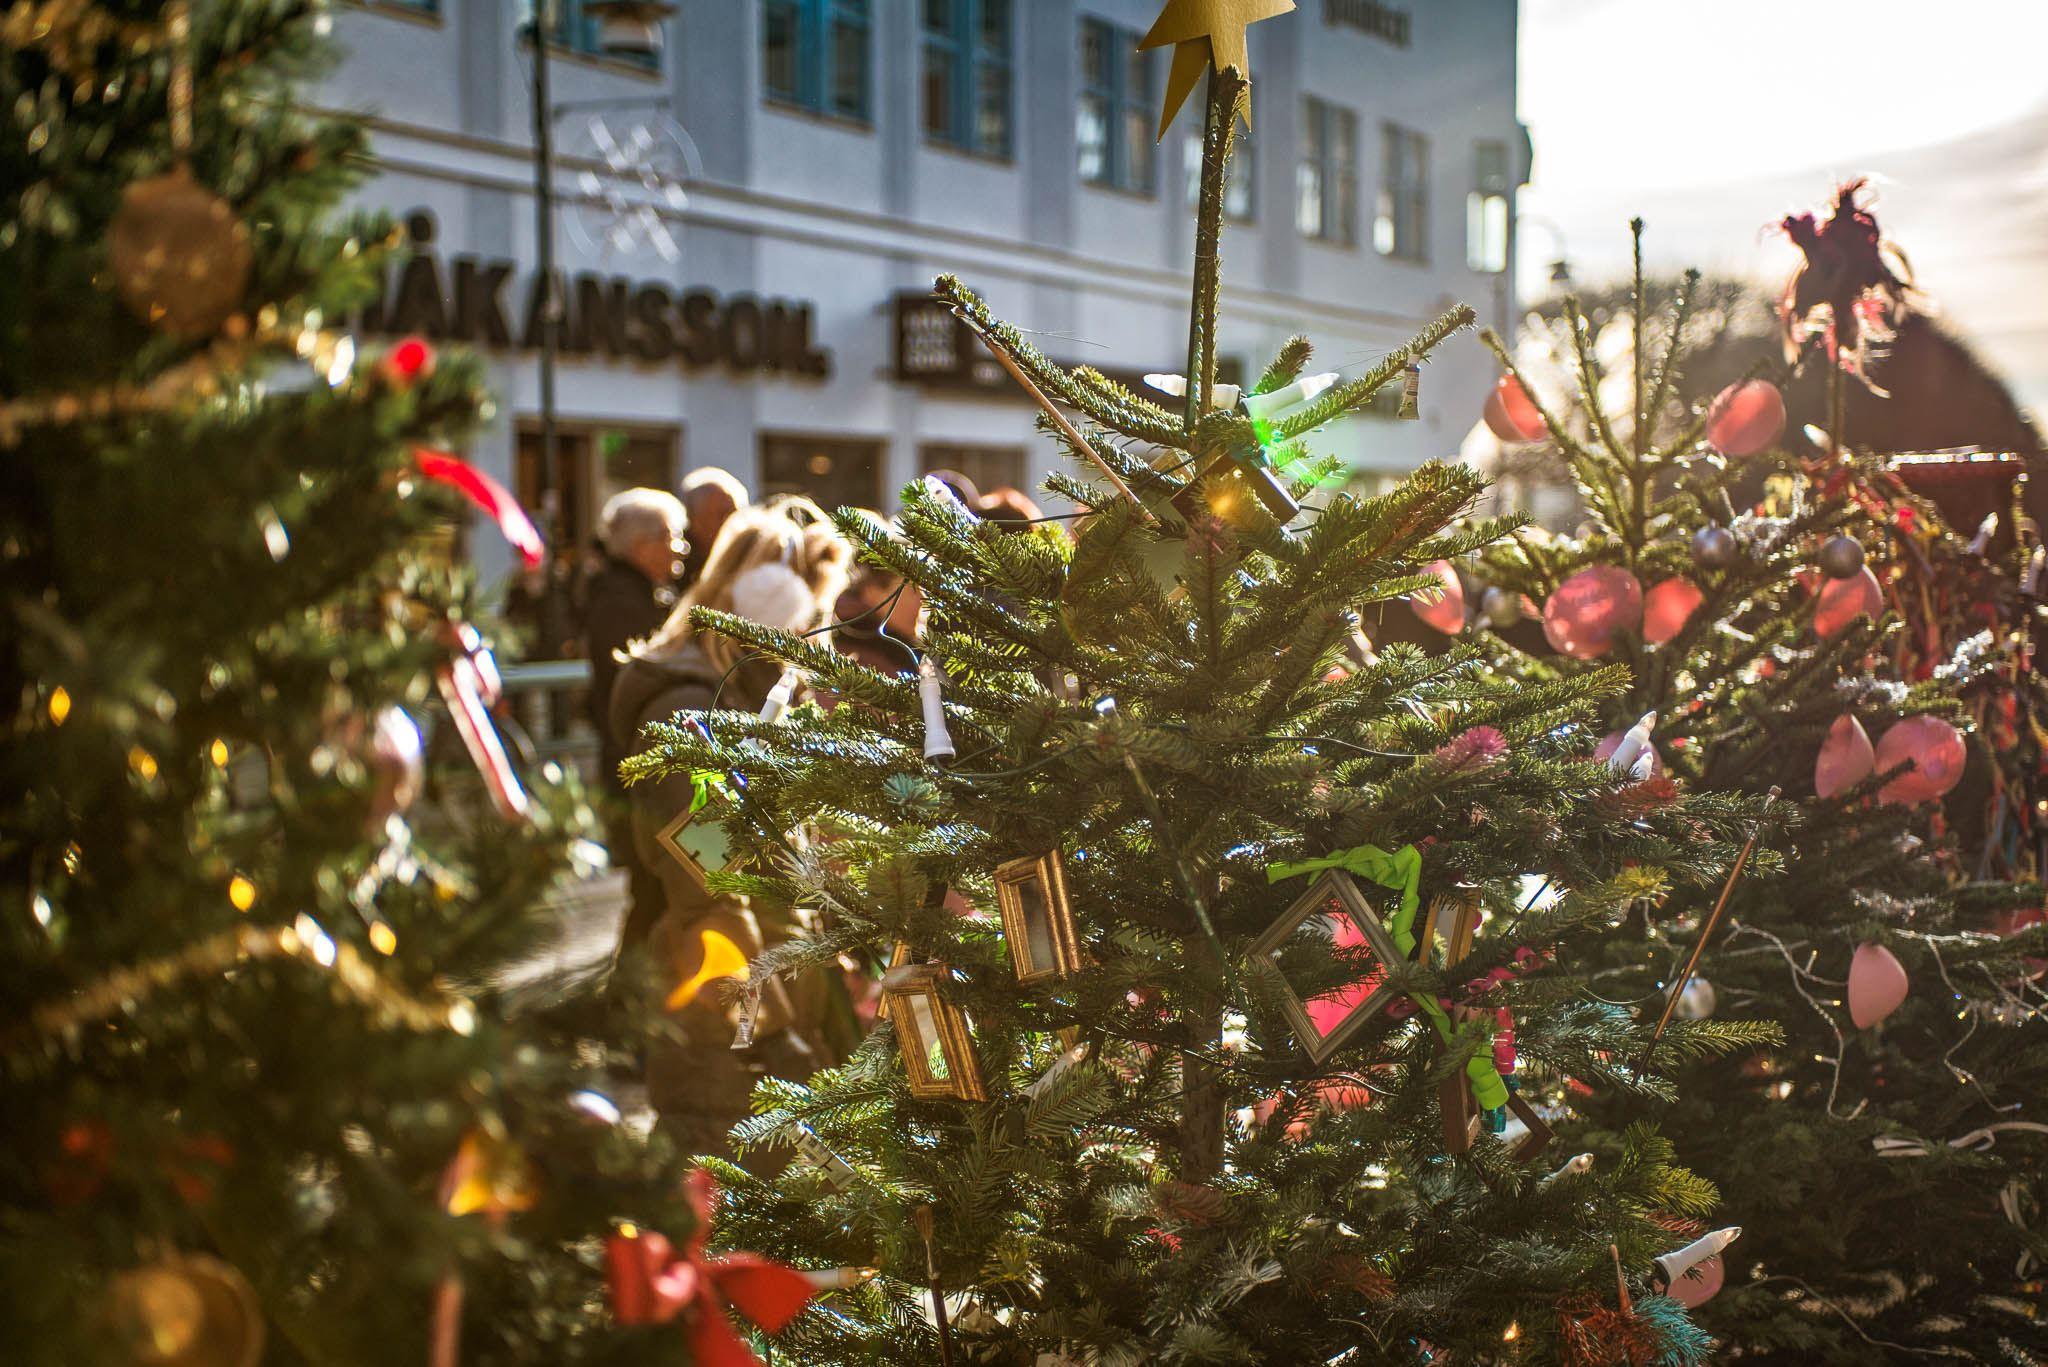 Grannaste Granen – Julgranstävling